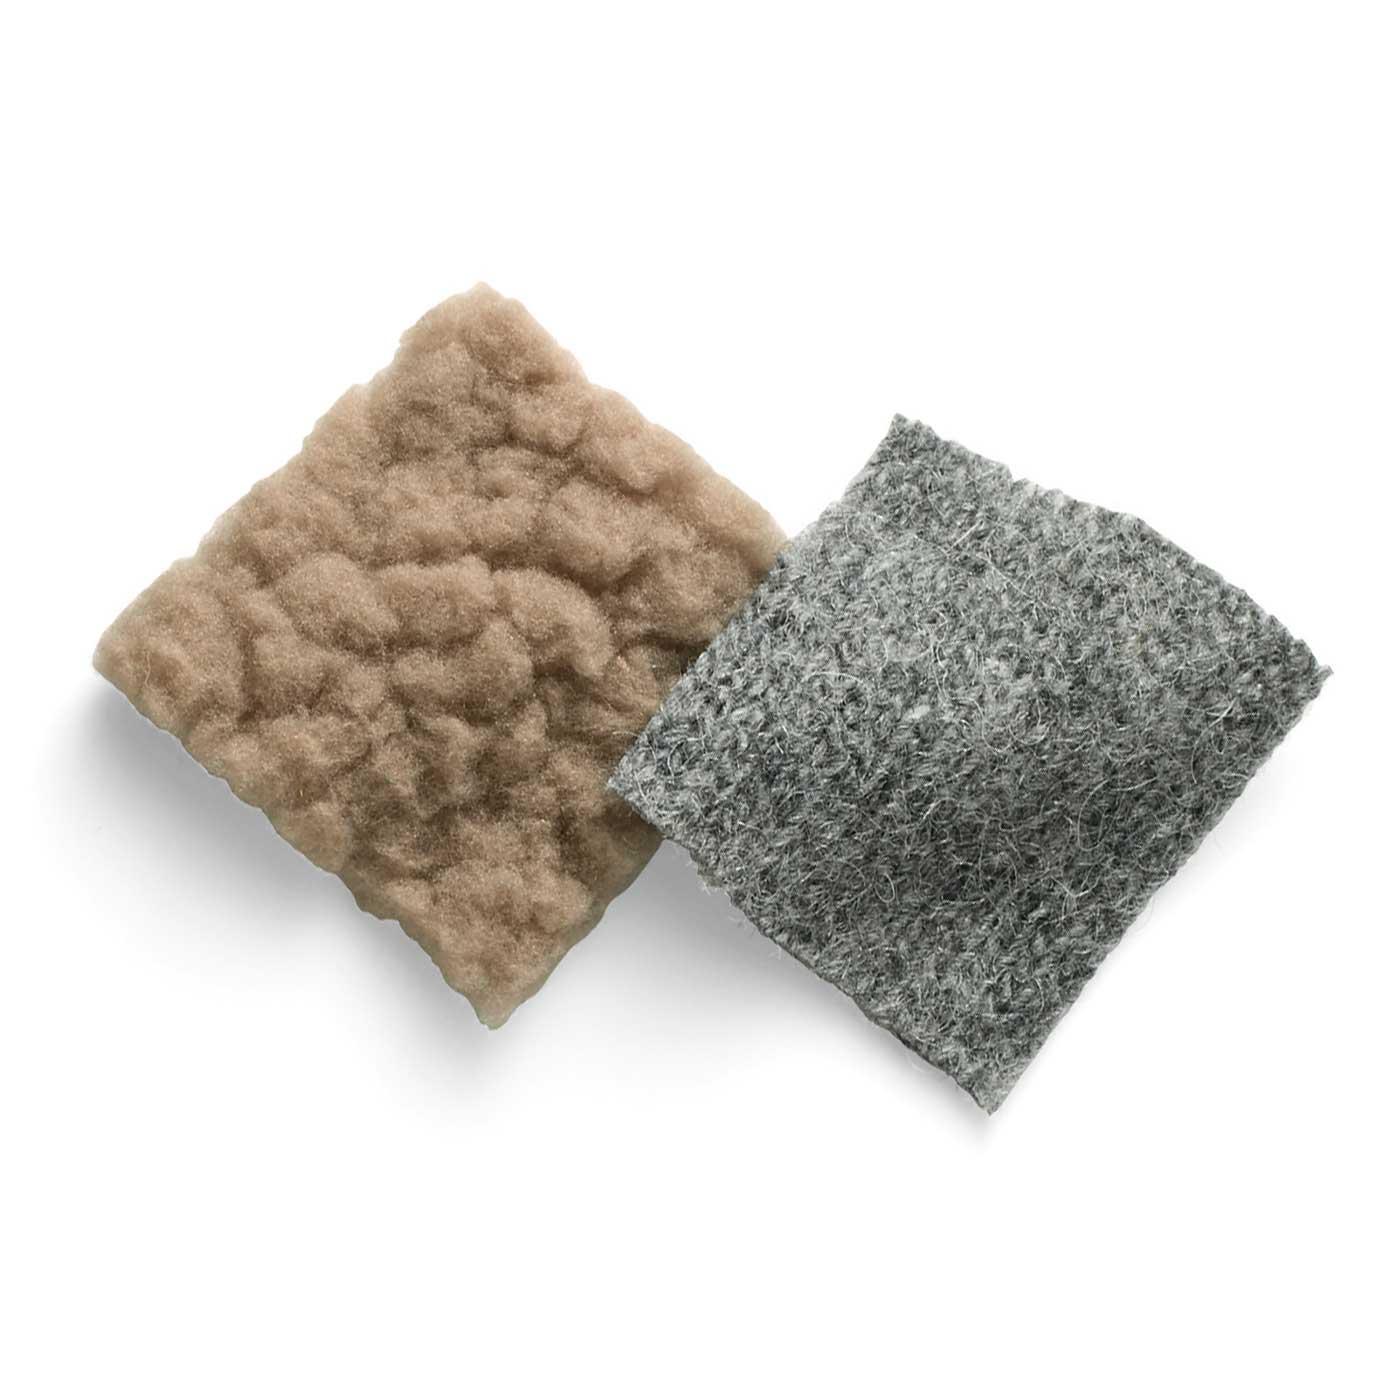 ふかふかボアとニット素材を使用。